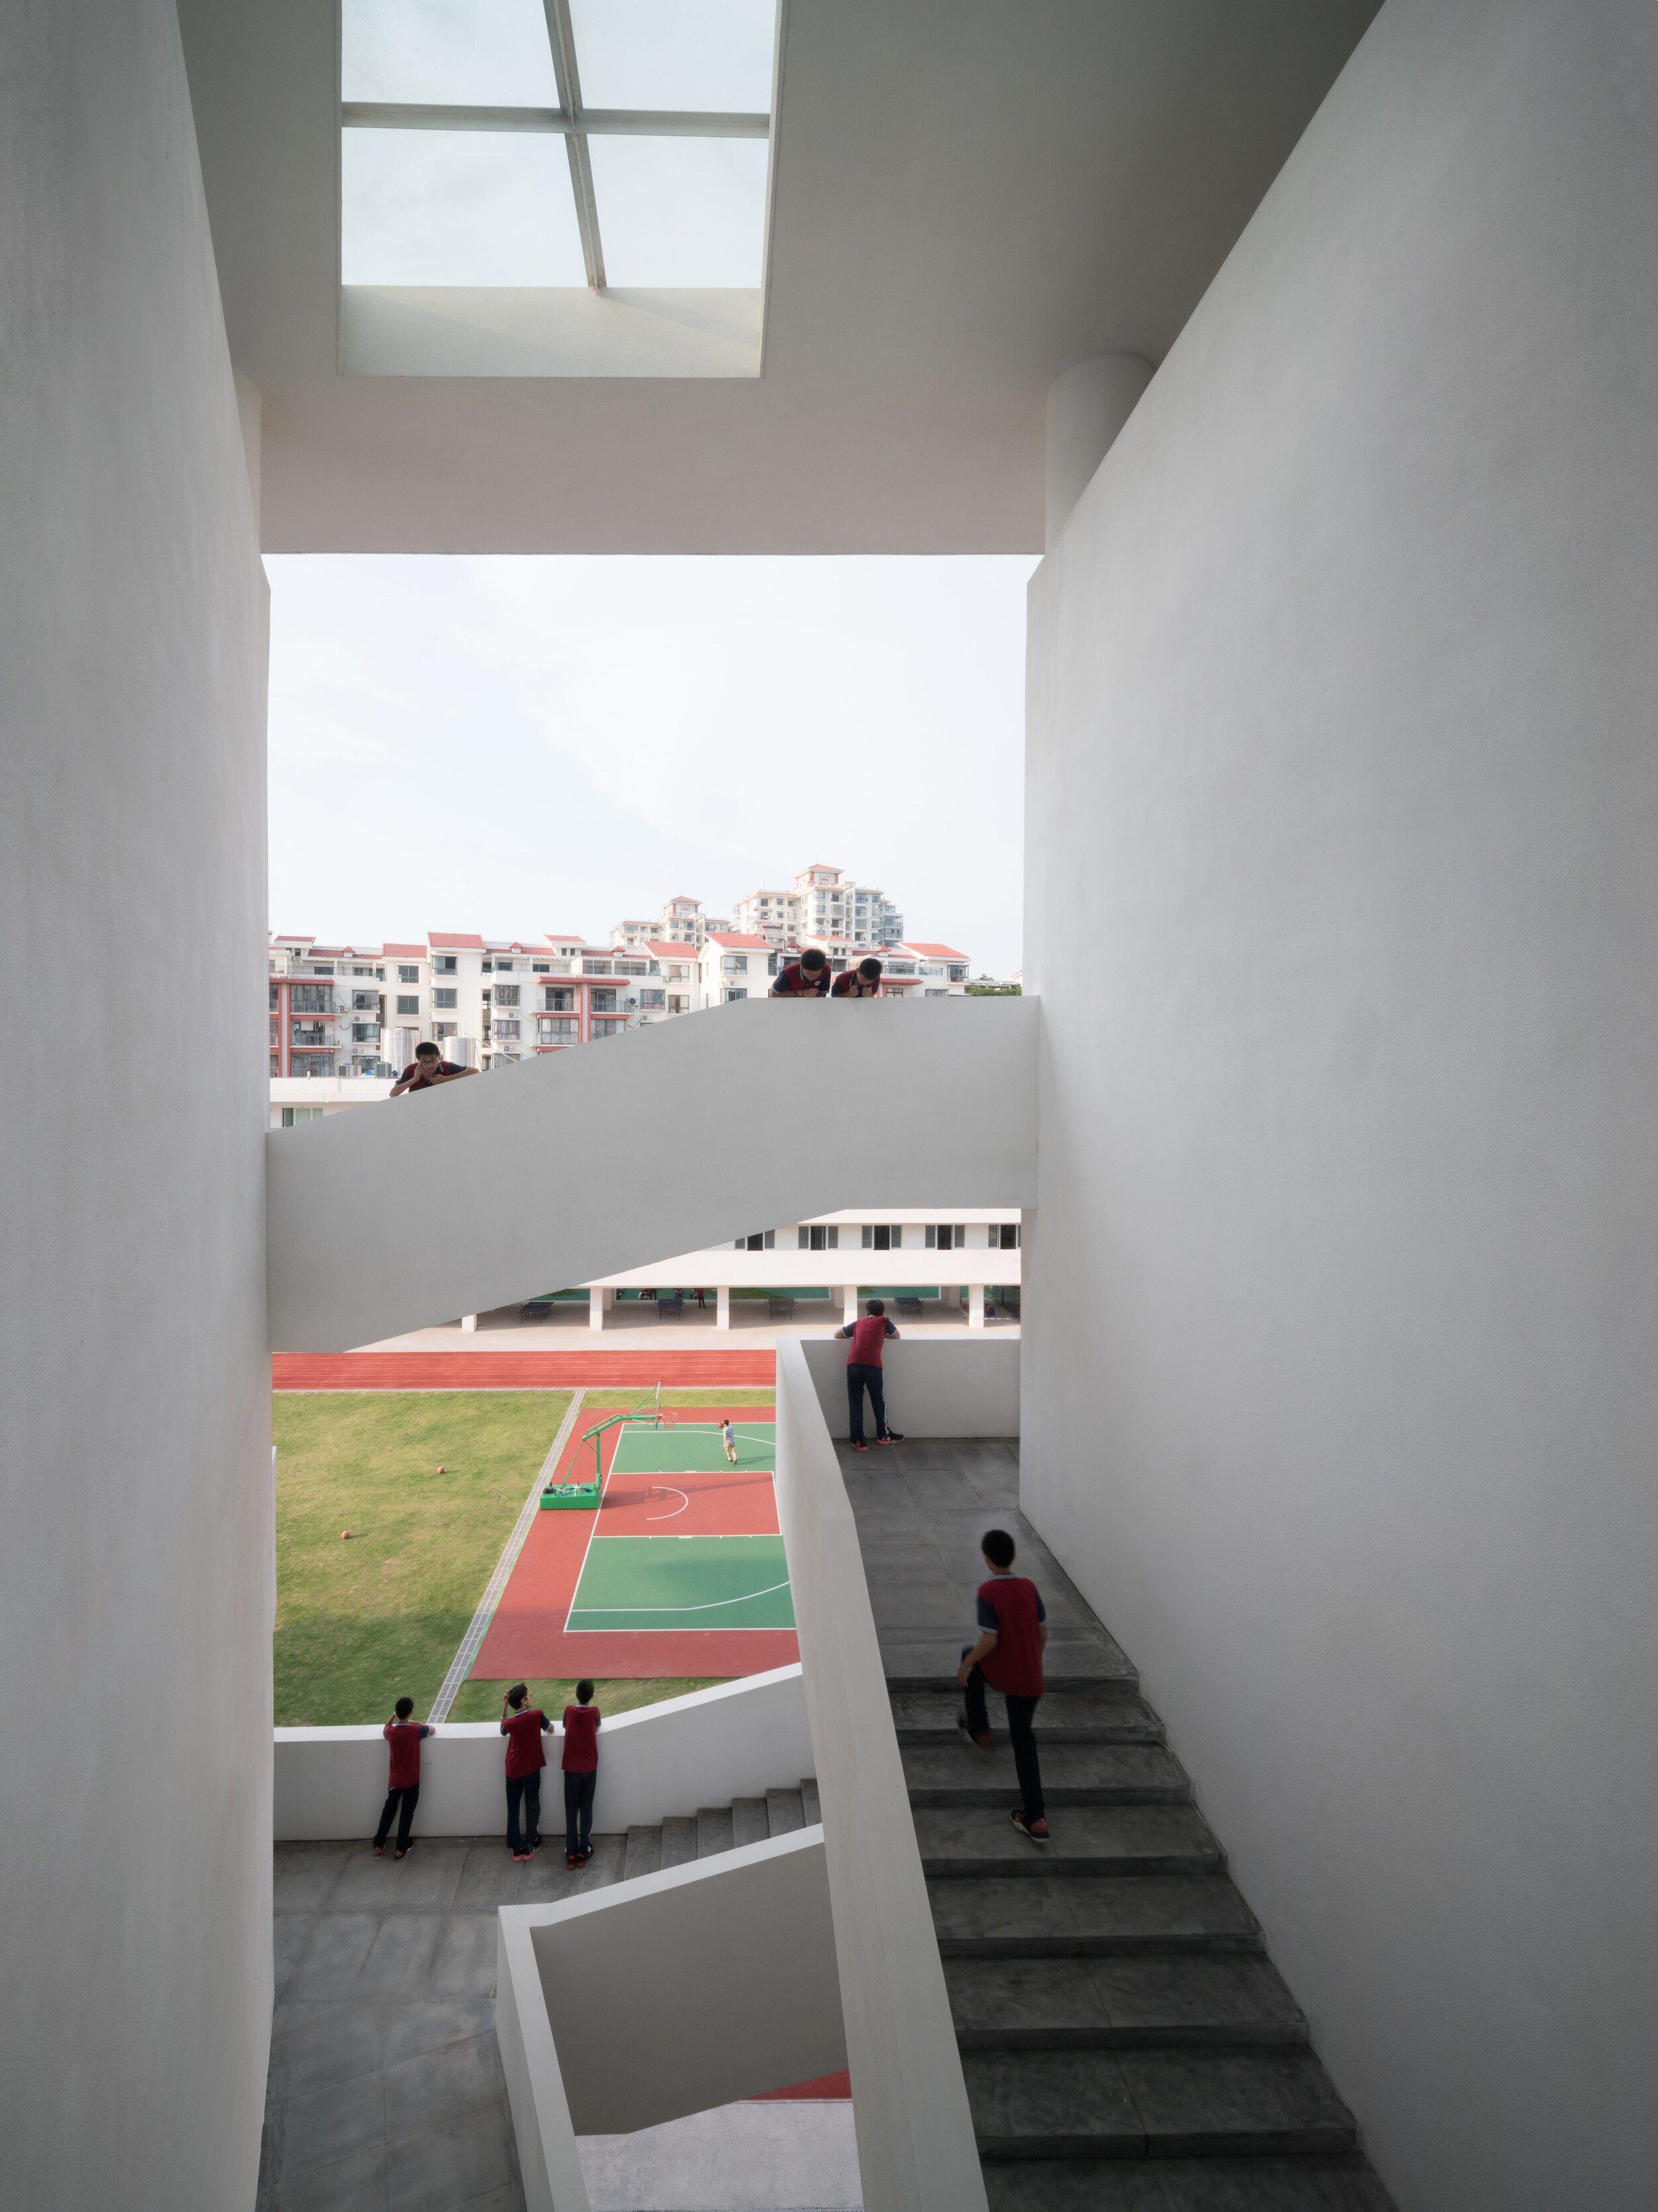 31 樓梯 02 ?是然建筑攝影 Stairs 02 ?Schran Images.jpg